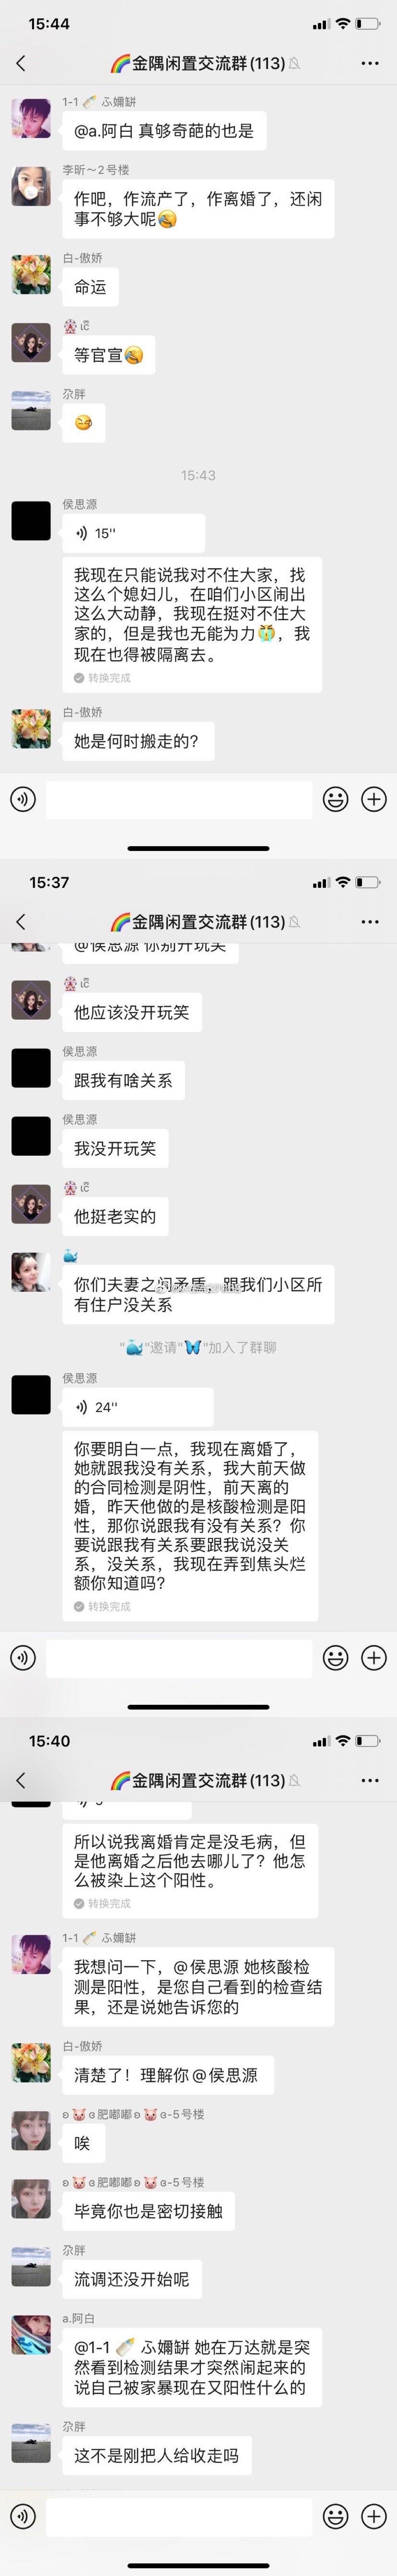 关于前天石景山那个女的聊天记录,大家可以参考下图5-6为官方新闻